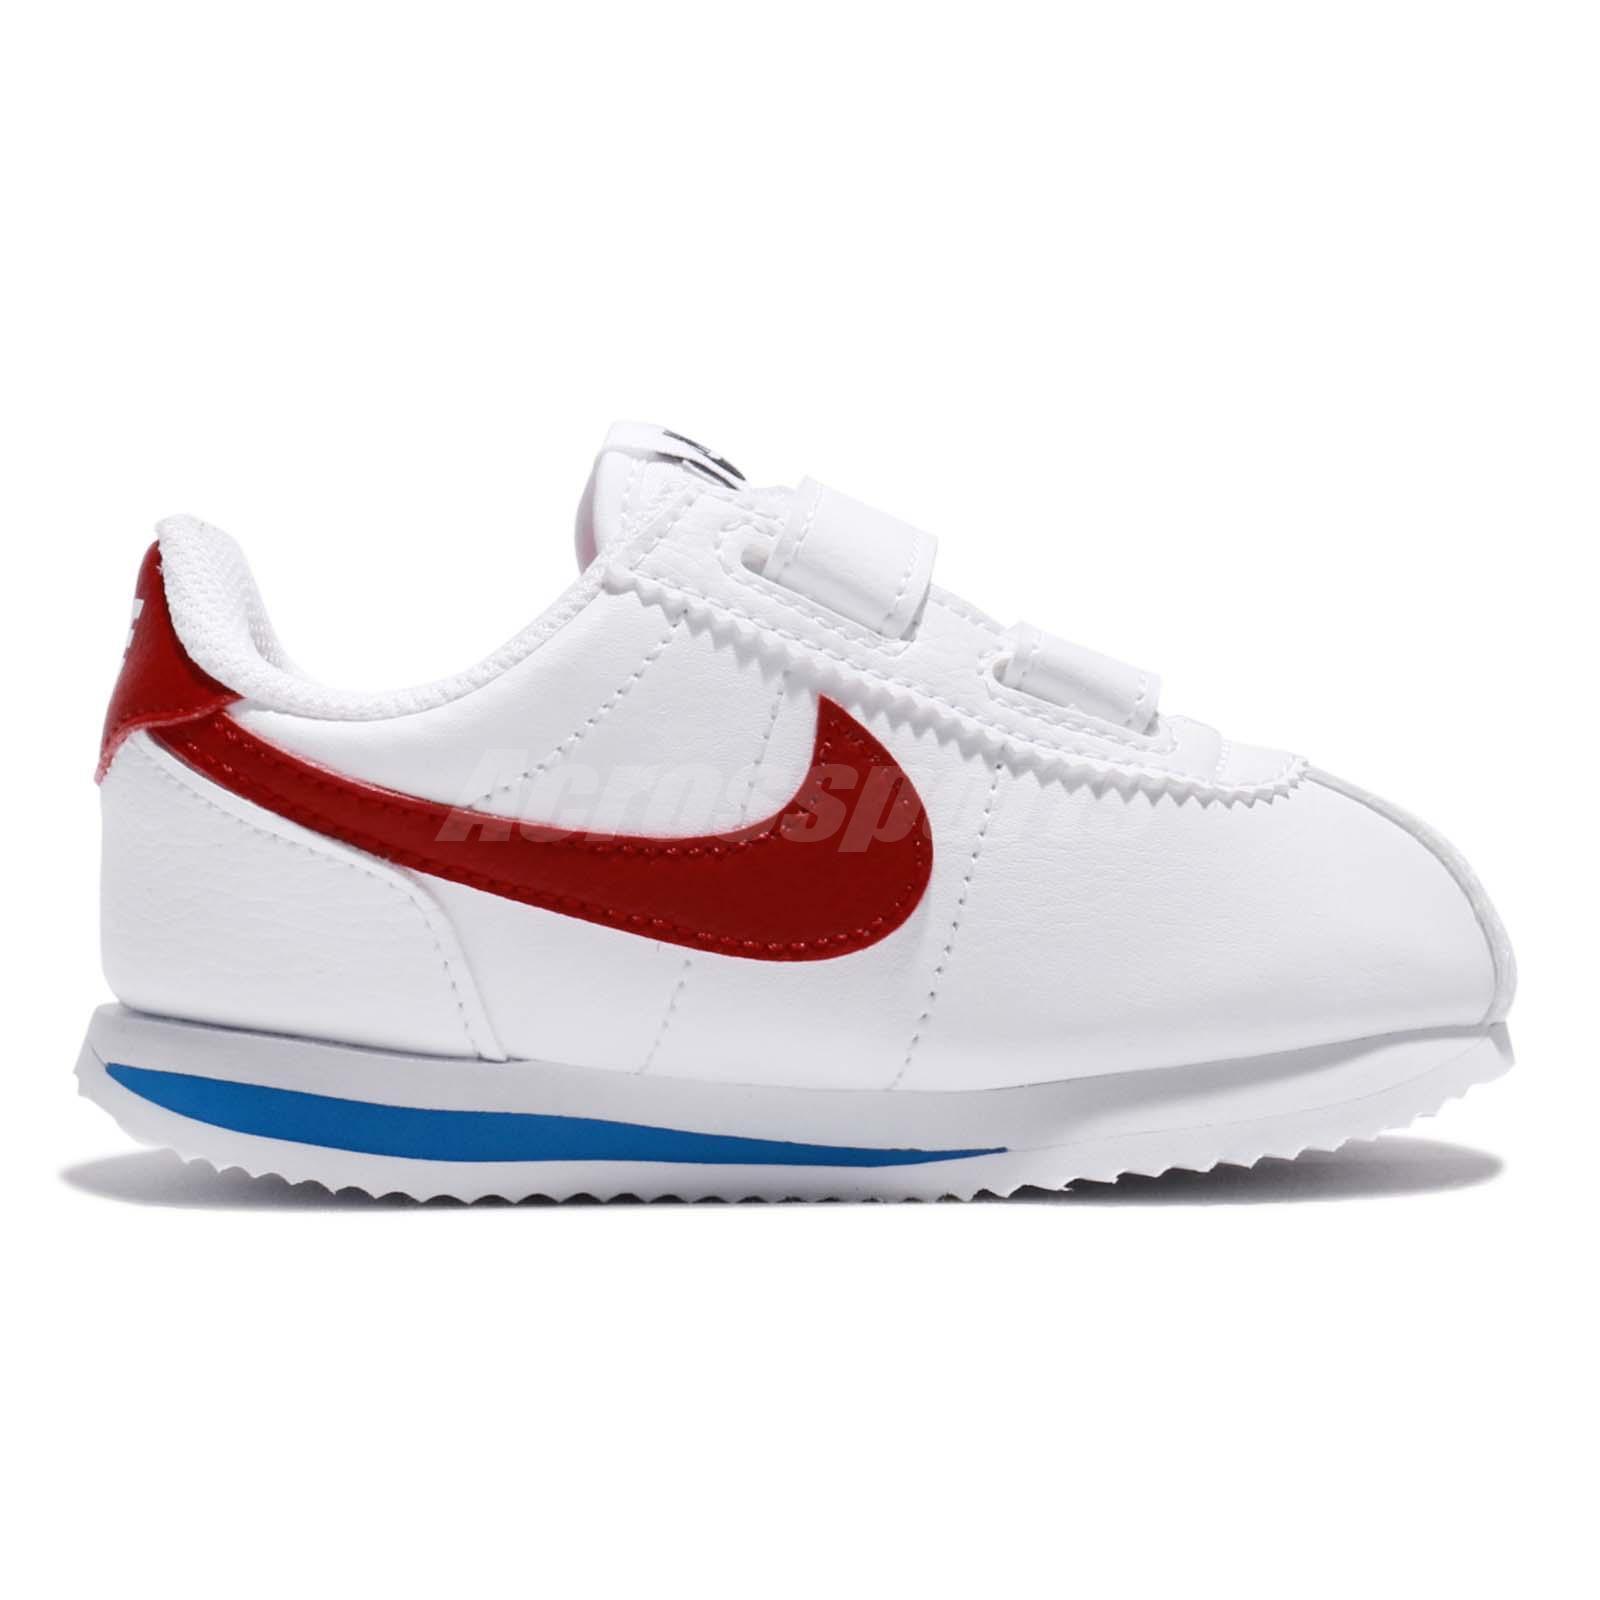 997fa0a71488 Nike Cortez Basic SL TDV OG Forrest Gump White Red Toddler Infant ...